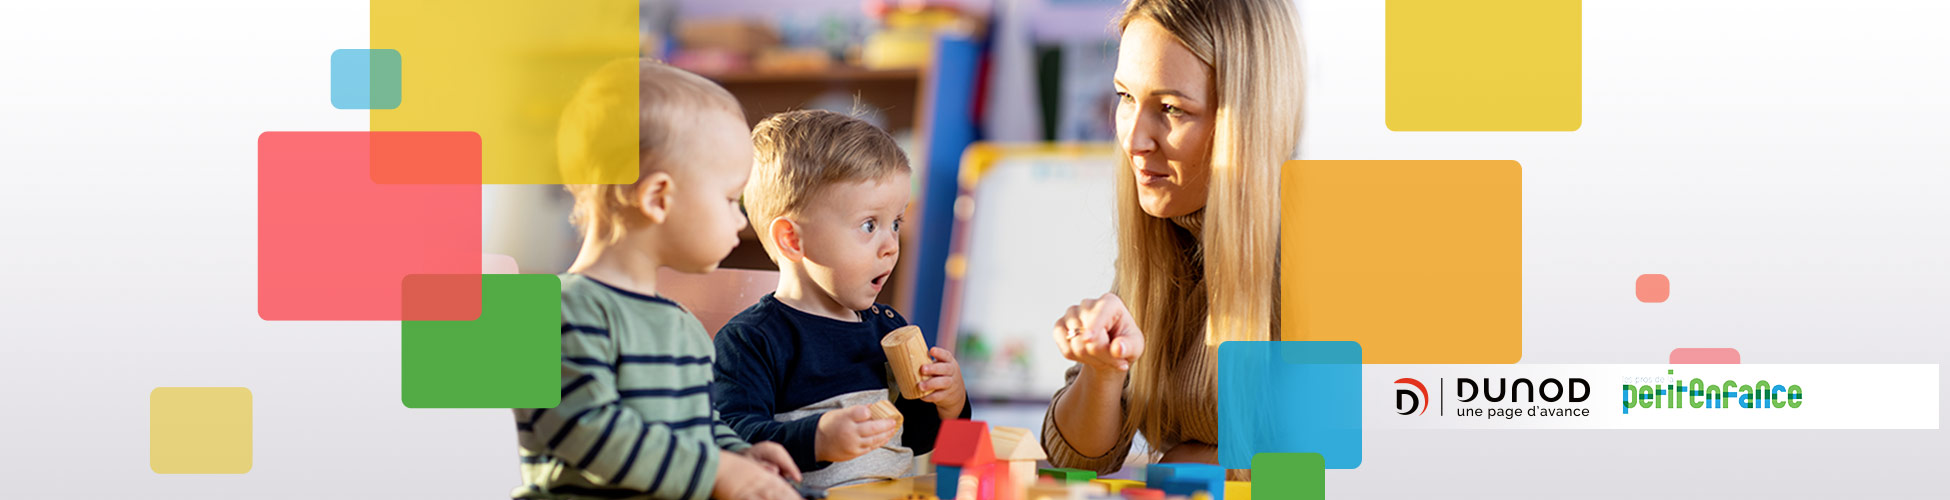 La formation en ligne pour les professionnels de la petite enfance